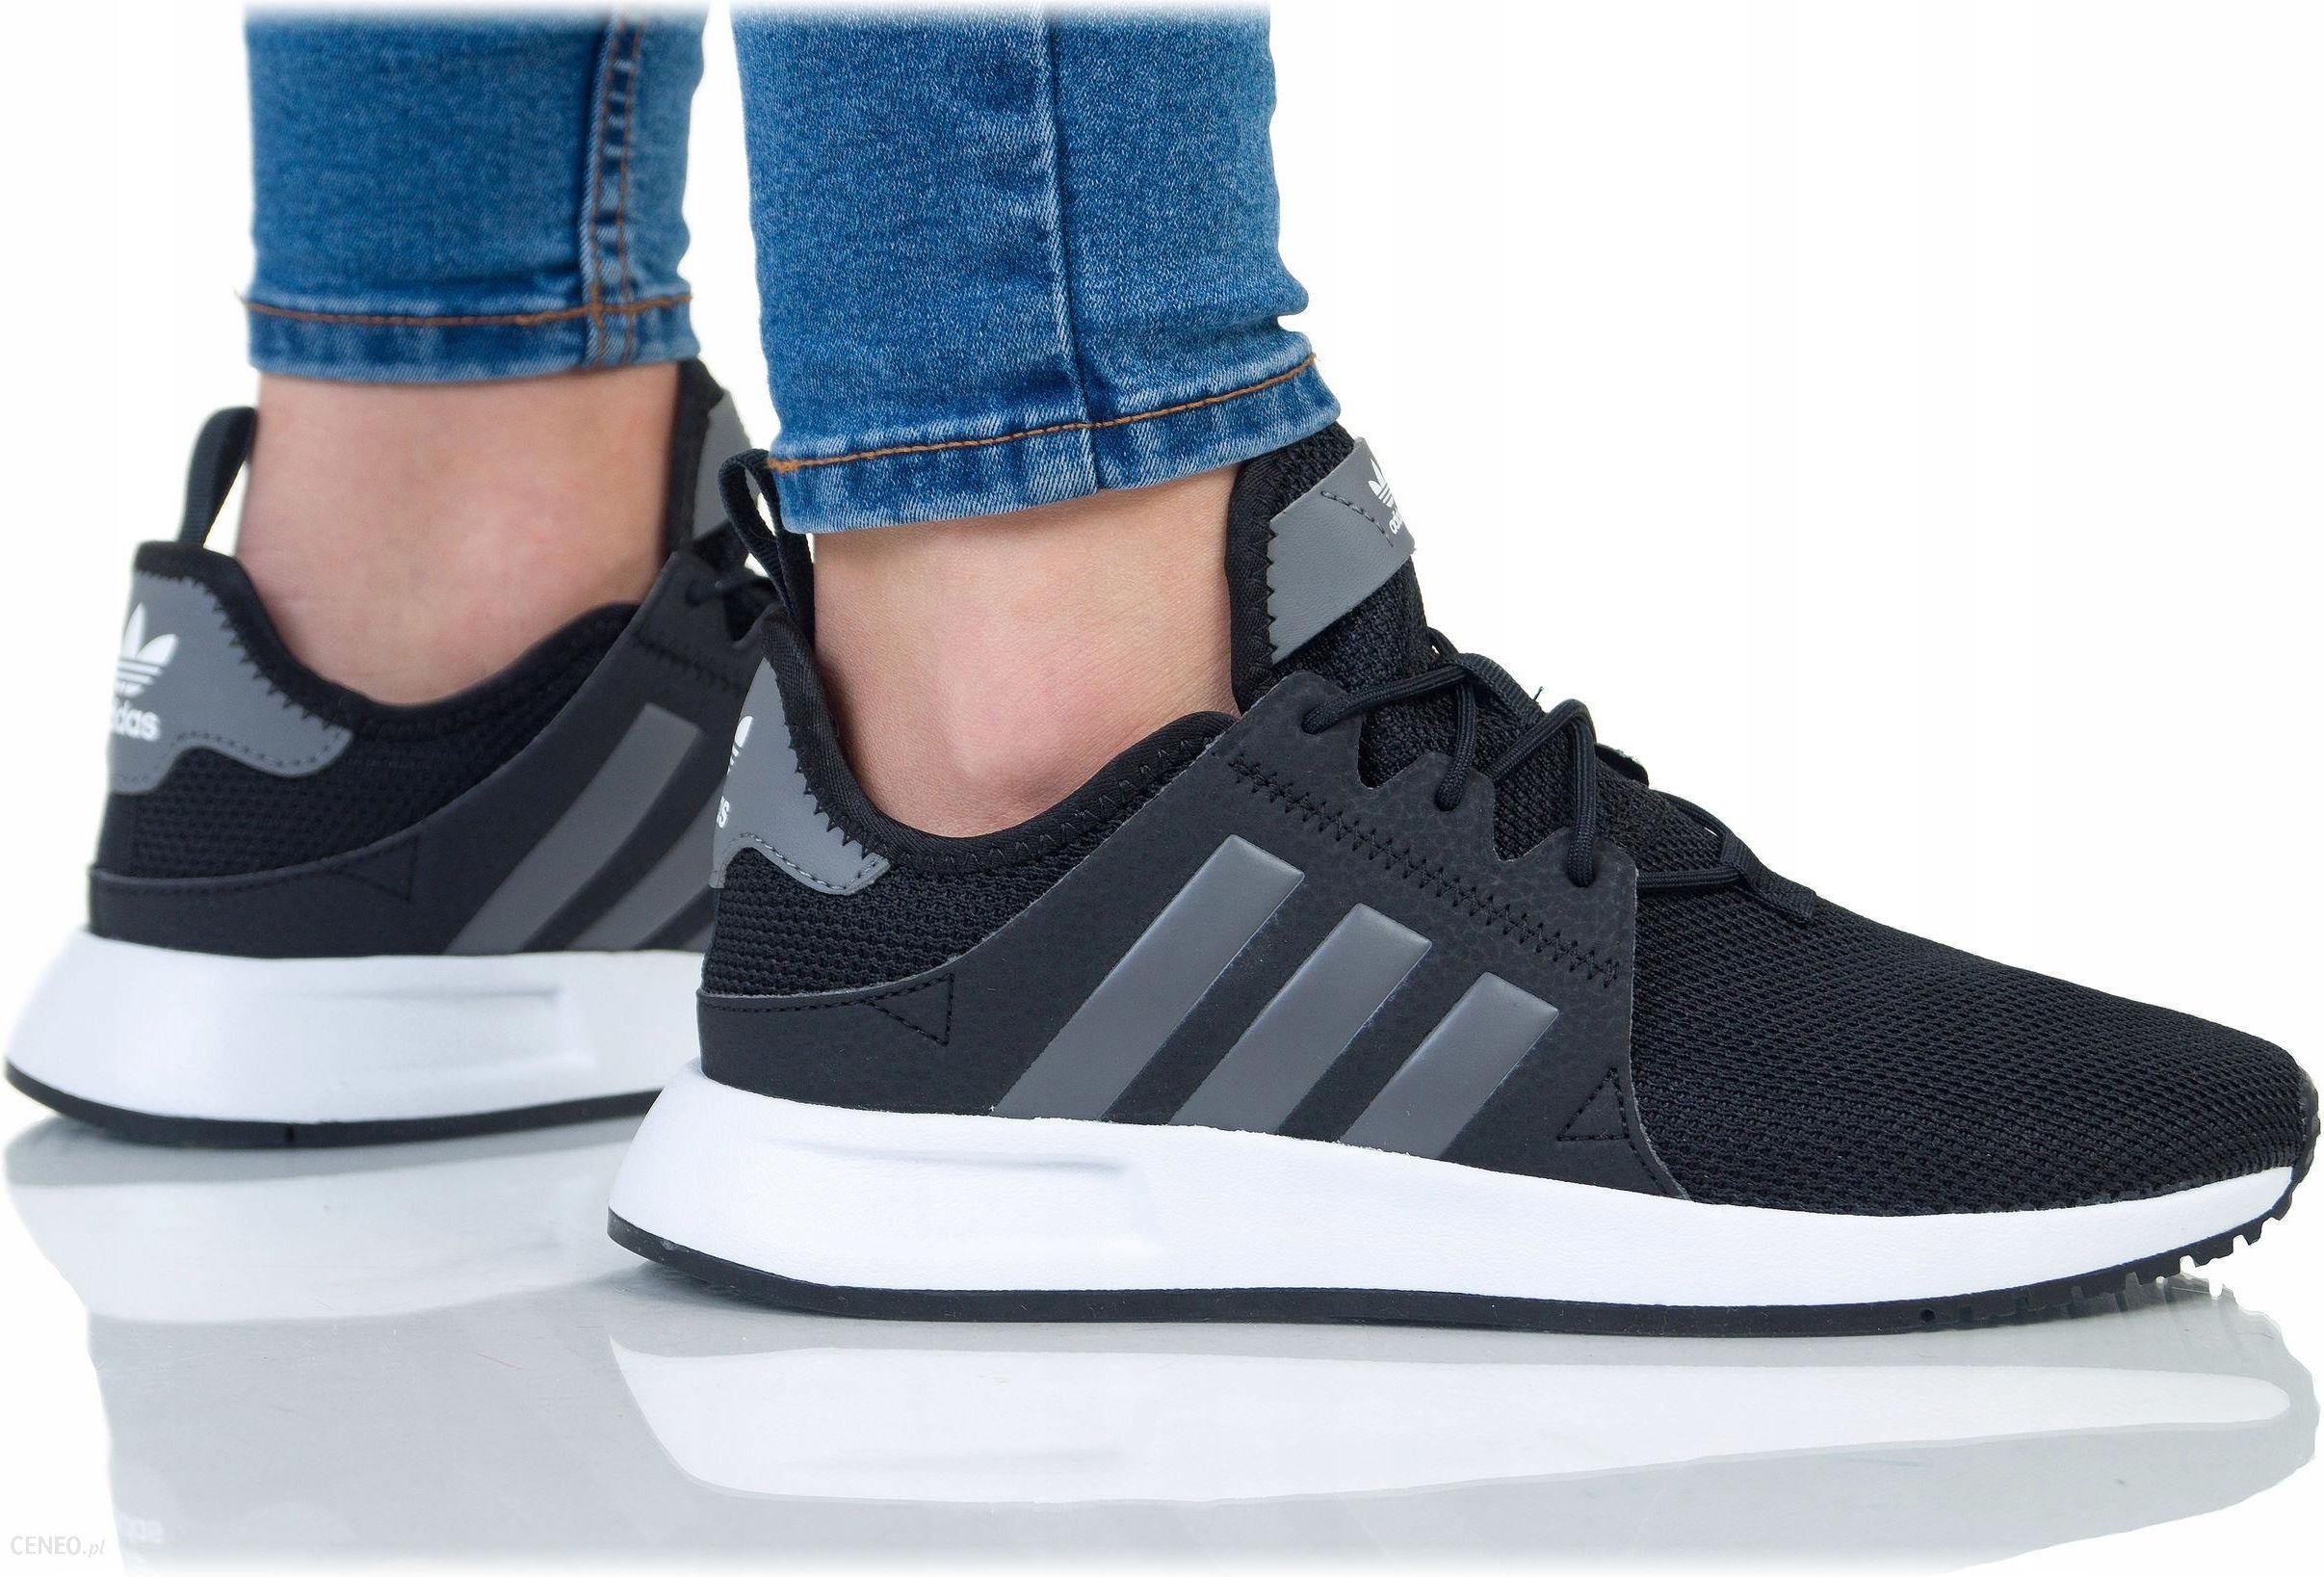 Buty Adidas Damskie X_plr J CG6825 Czarne Ceny i opinie Ceneo.pl